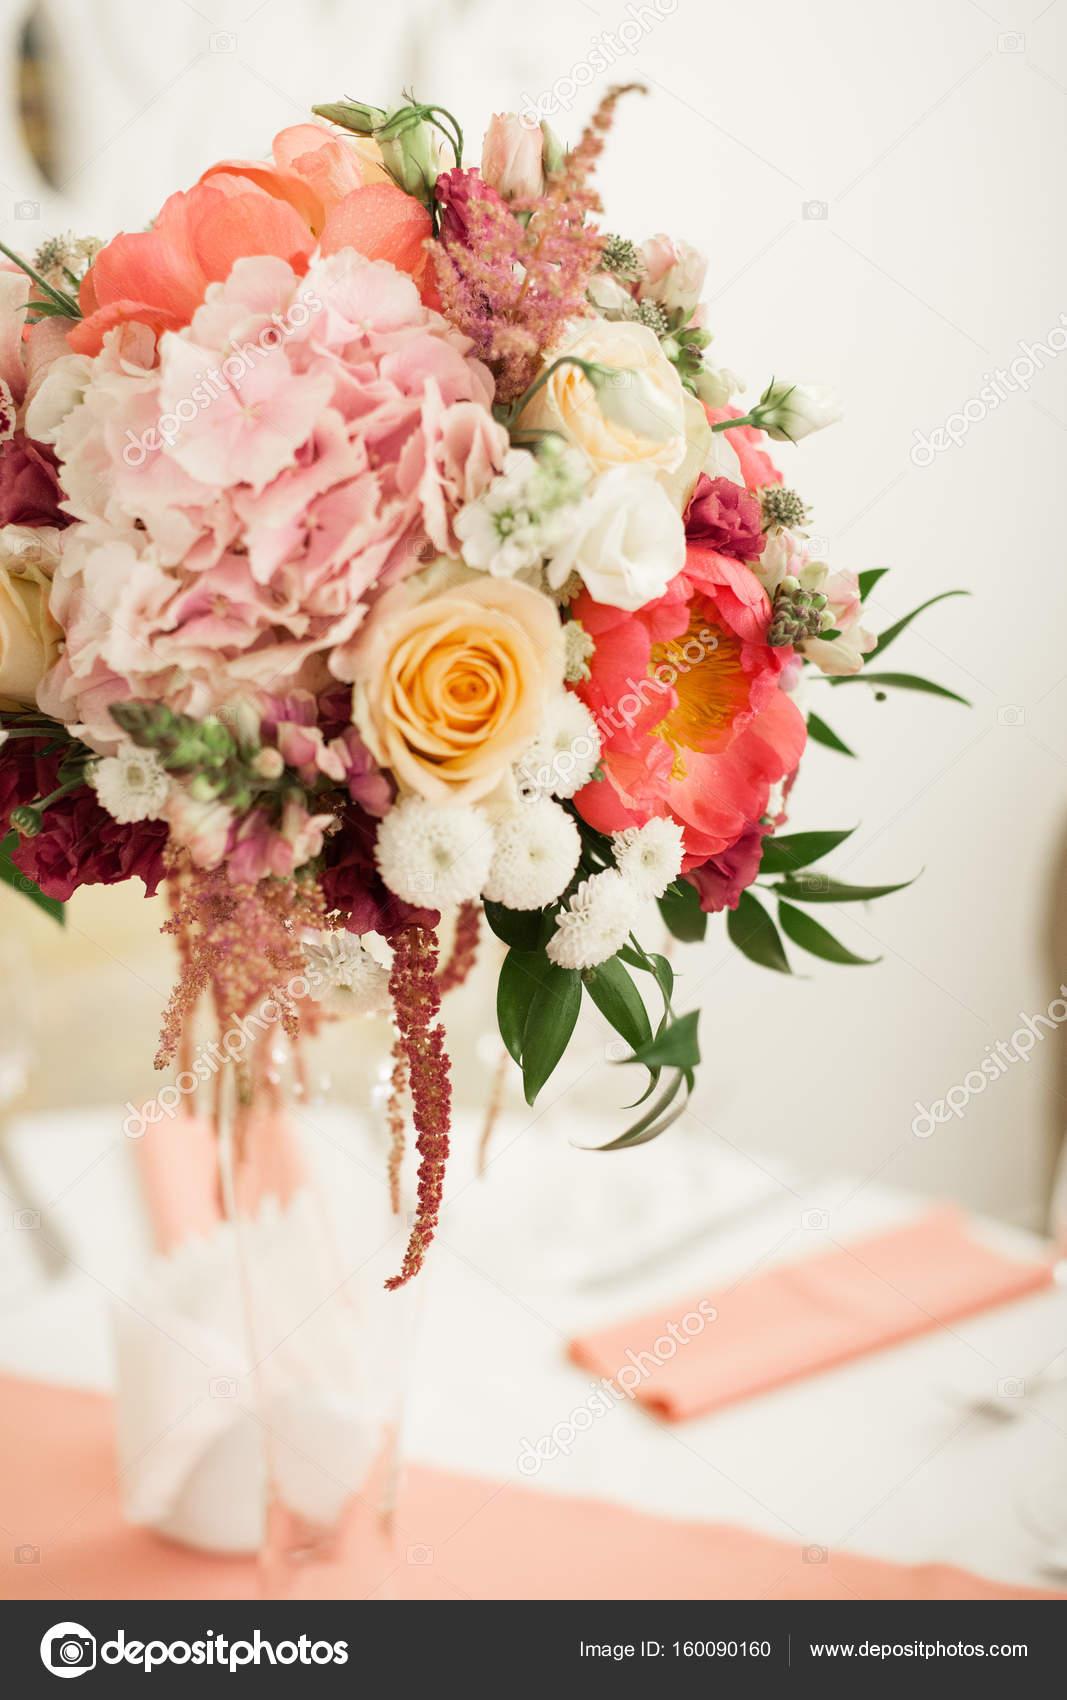 Schone Dekoration Auf Hochzeit Tisch Mit Rosen In Strauss Stockfoto